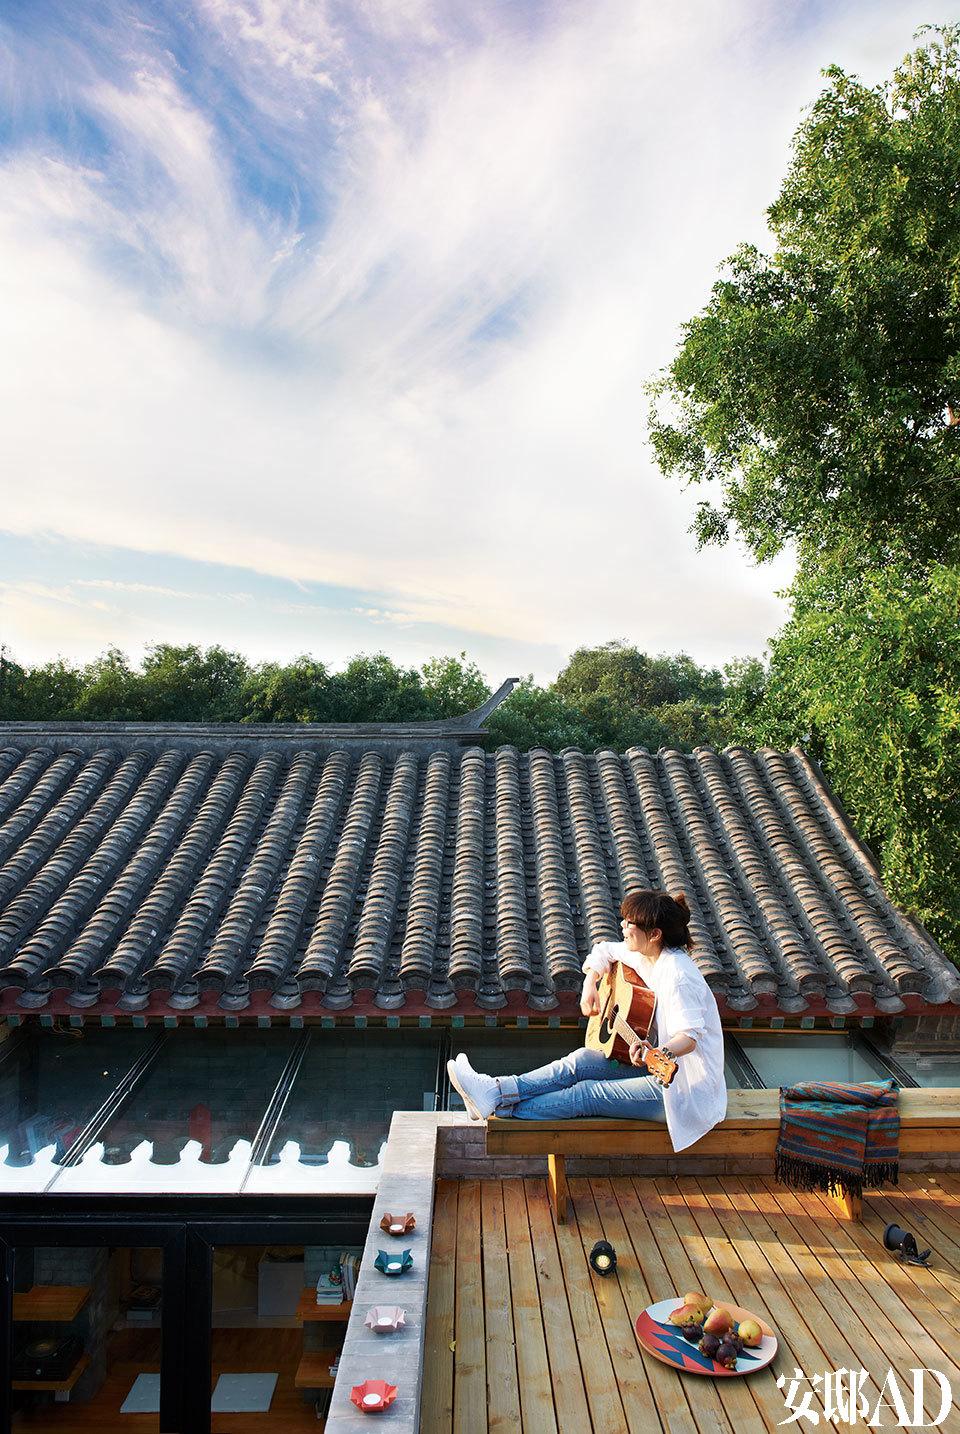 天朗气清的日子里,宝姐喜欢坐在露台上消磨时光。望着北京城的蓝天,随性弹上一曲吉他,也是很好的享受。彩色水果盘和小盘子,以及宝姐身后的披肩均来自BoConcept北欧风情。